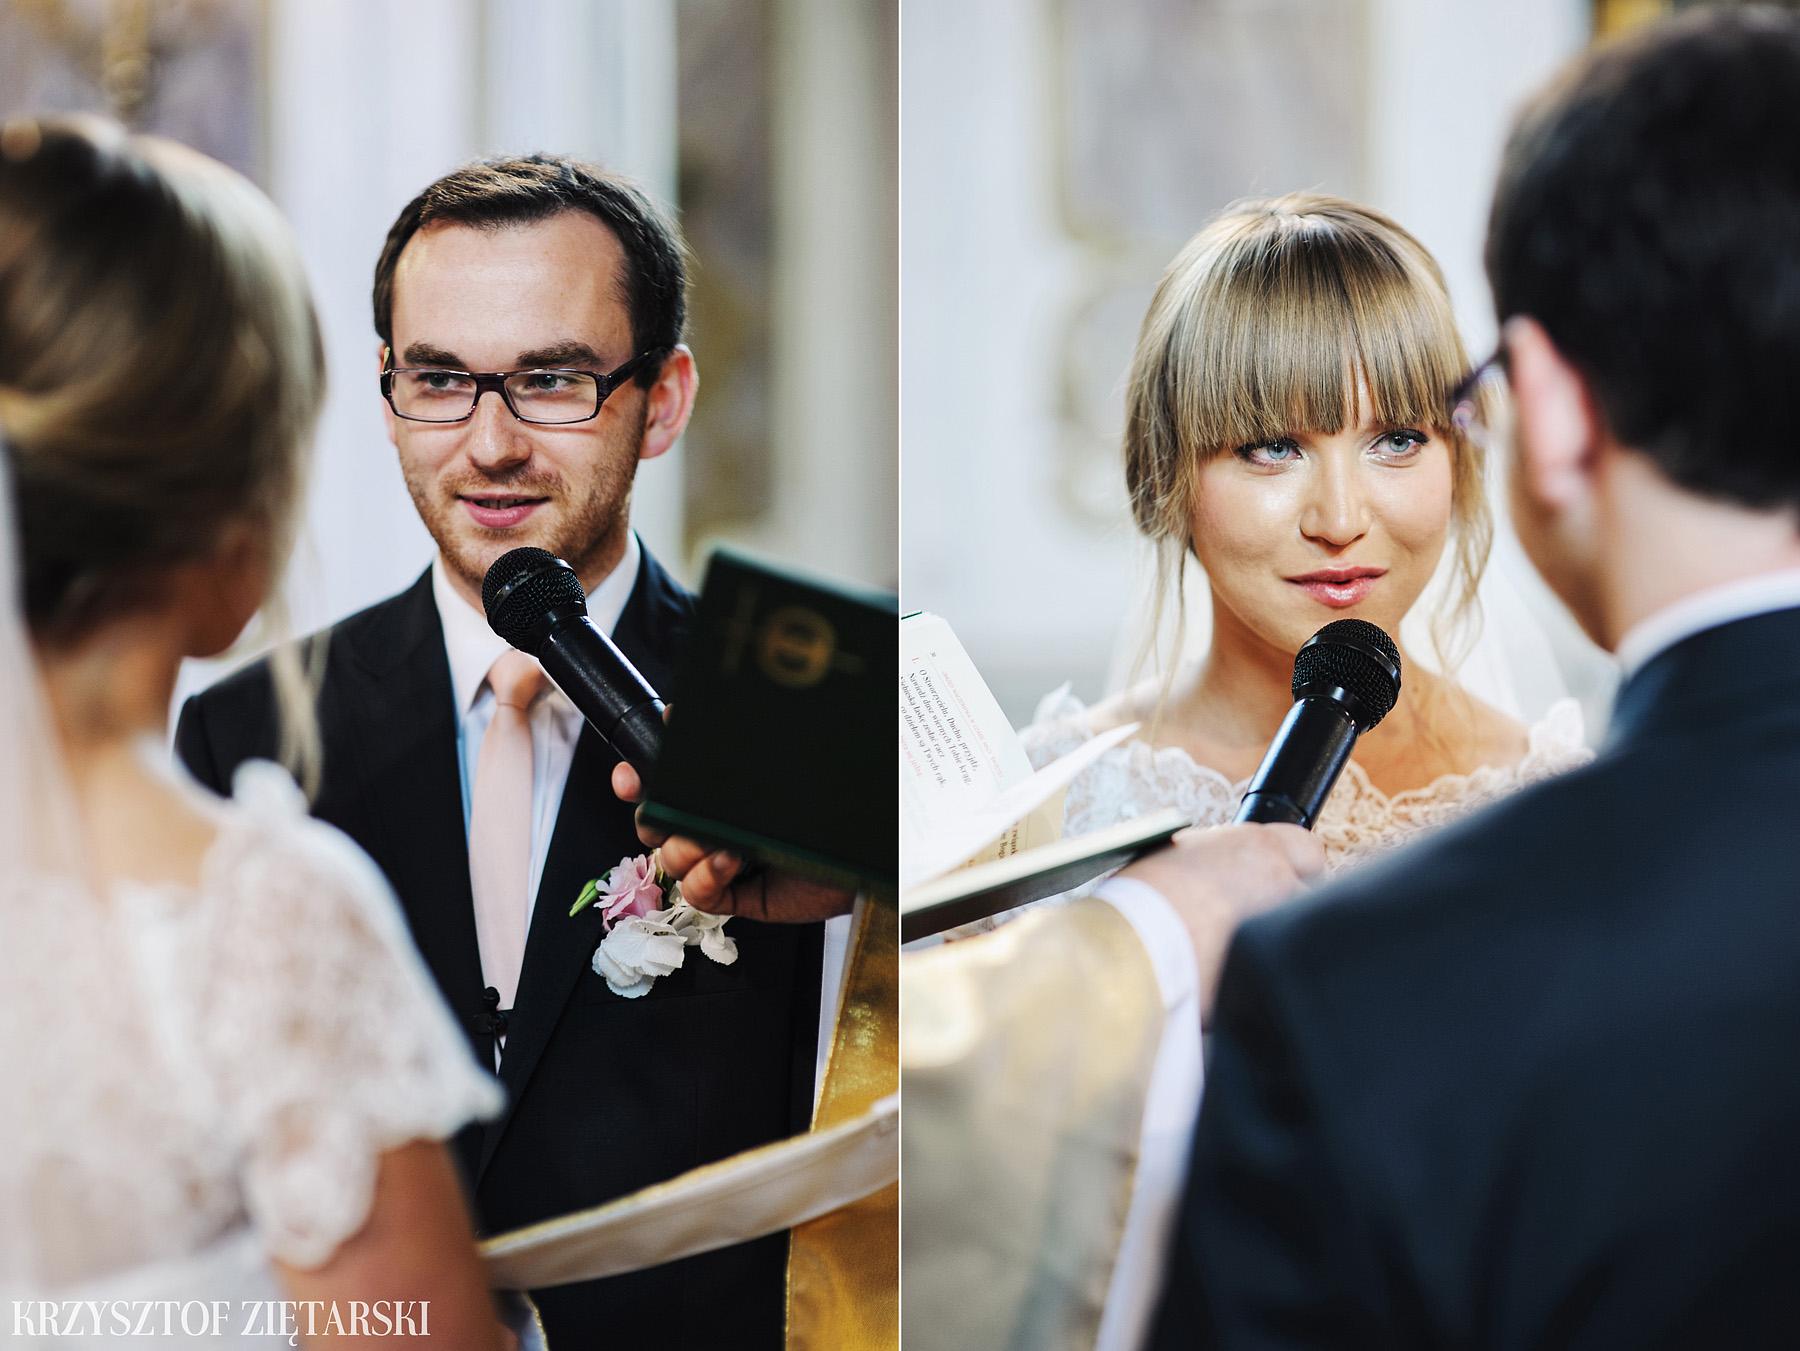 Justyna i Konrad - Fotografia ślubna Gdańsk, Kościół św.Ignacego Stare Szkoty, Restauracja Tabun Otomin - 8.